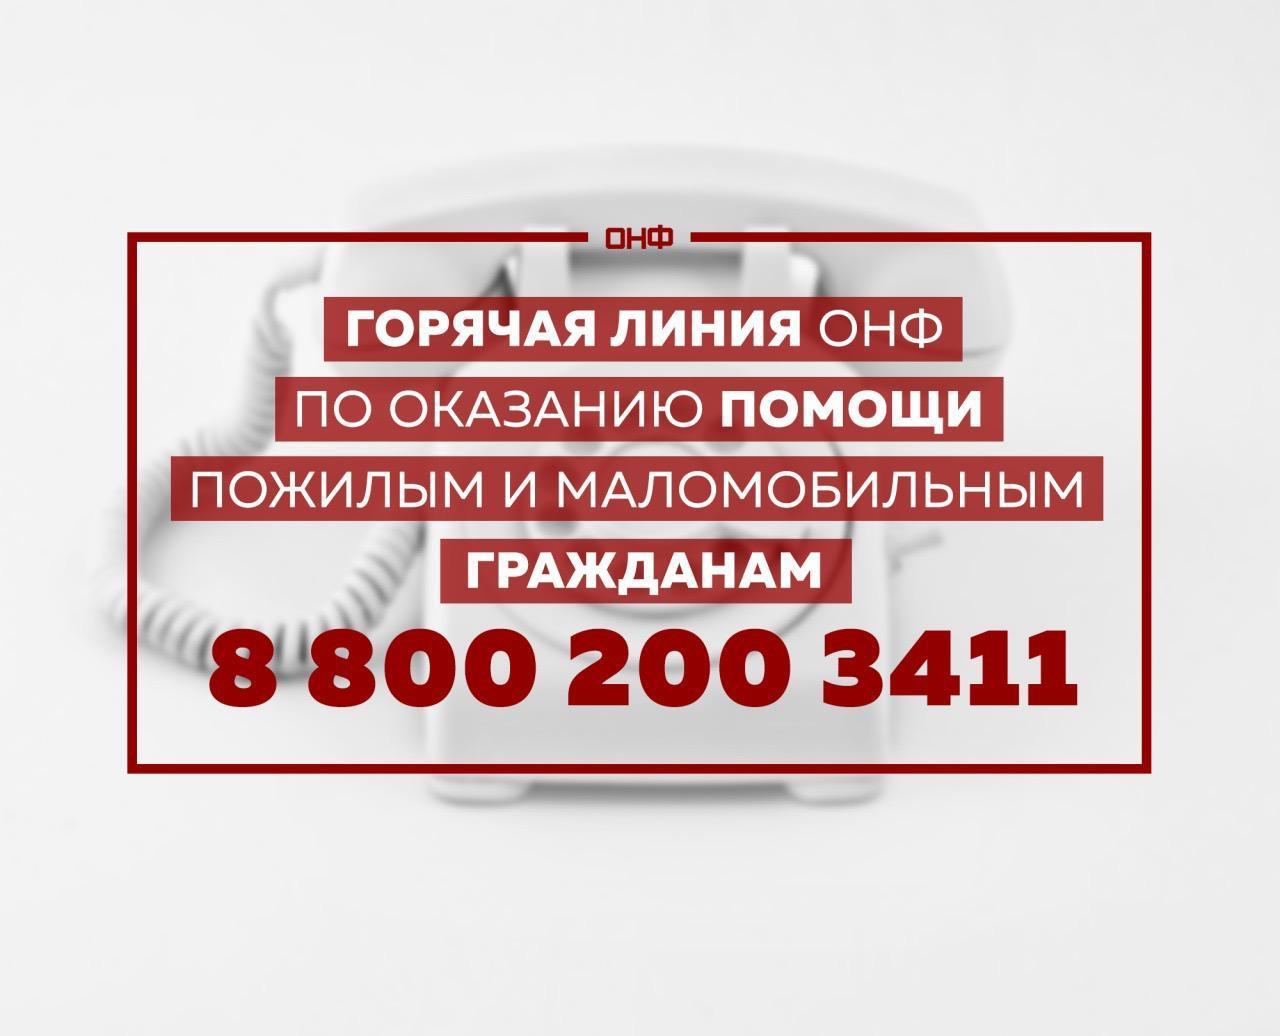 Горячая линия ОНФ по оказанию помощи пожилым и маломобильным гражданам